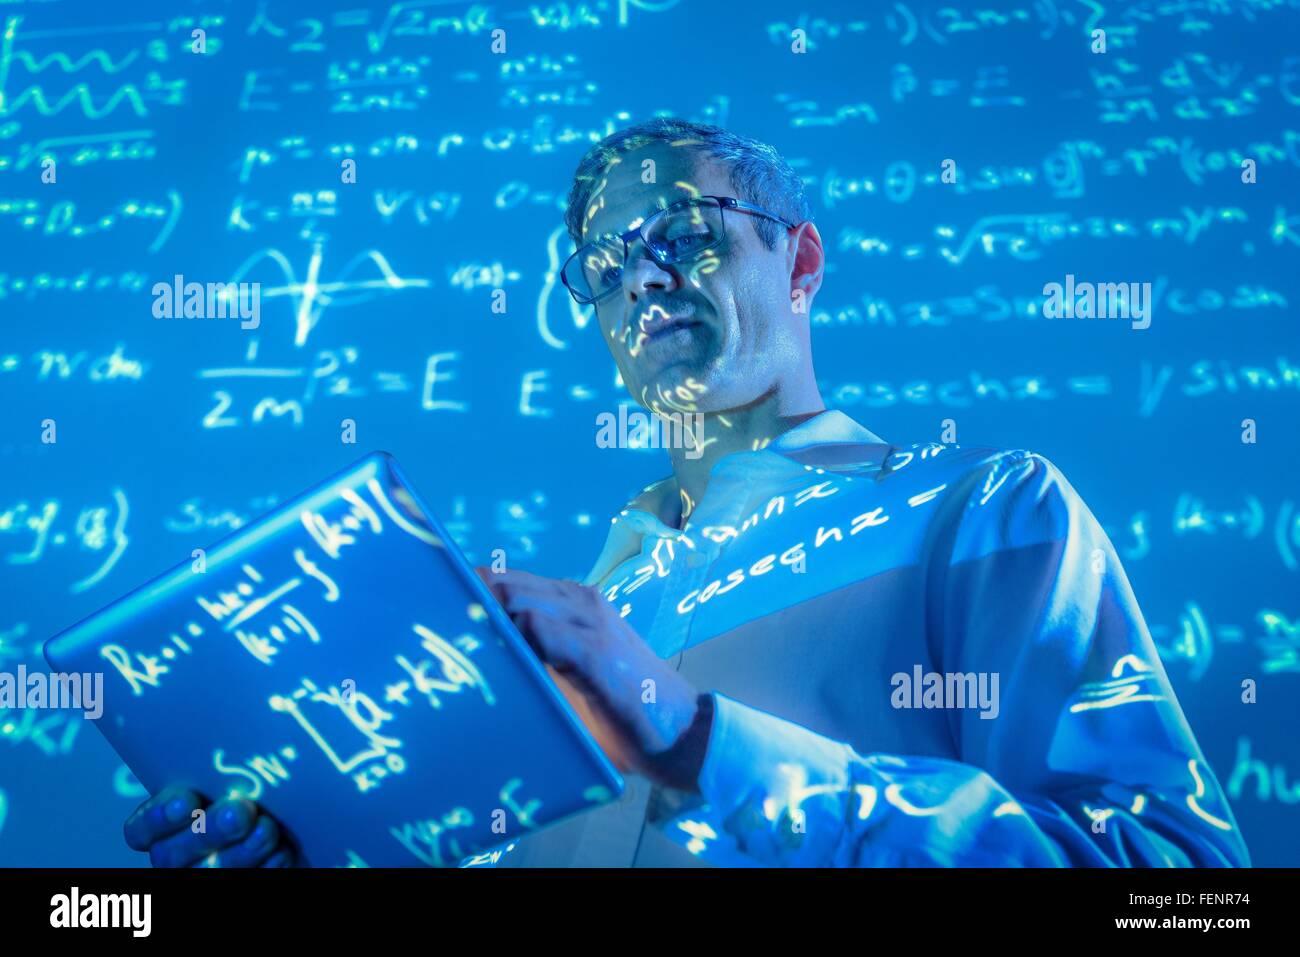 Científico con tableta digital y datos matemáticos proyectados Imagen De Stock